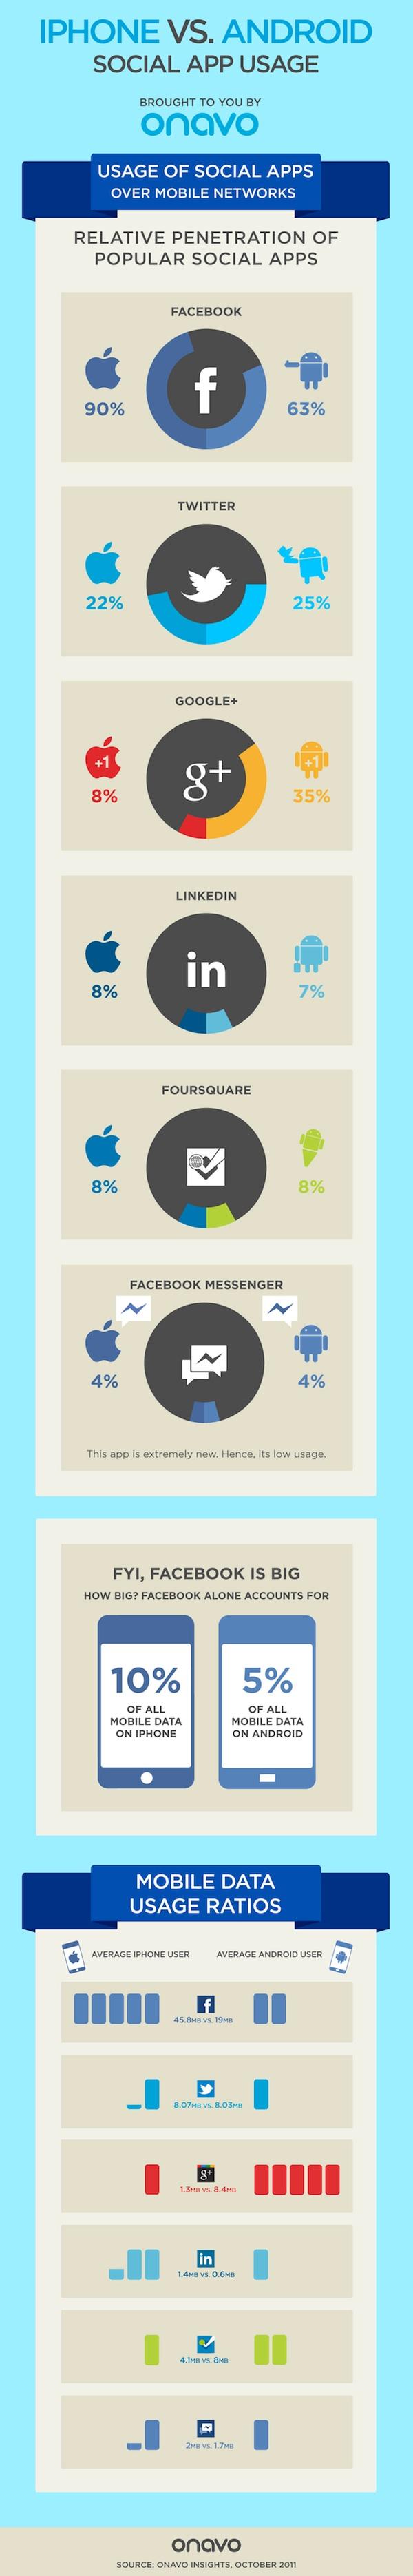 iphone vs android Comparación de uso de aplicaciones sociales entre iPhone y Android